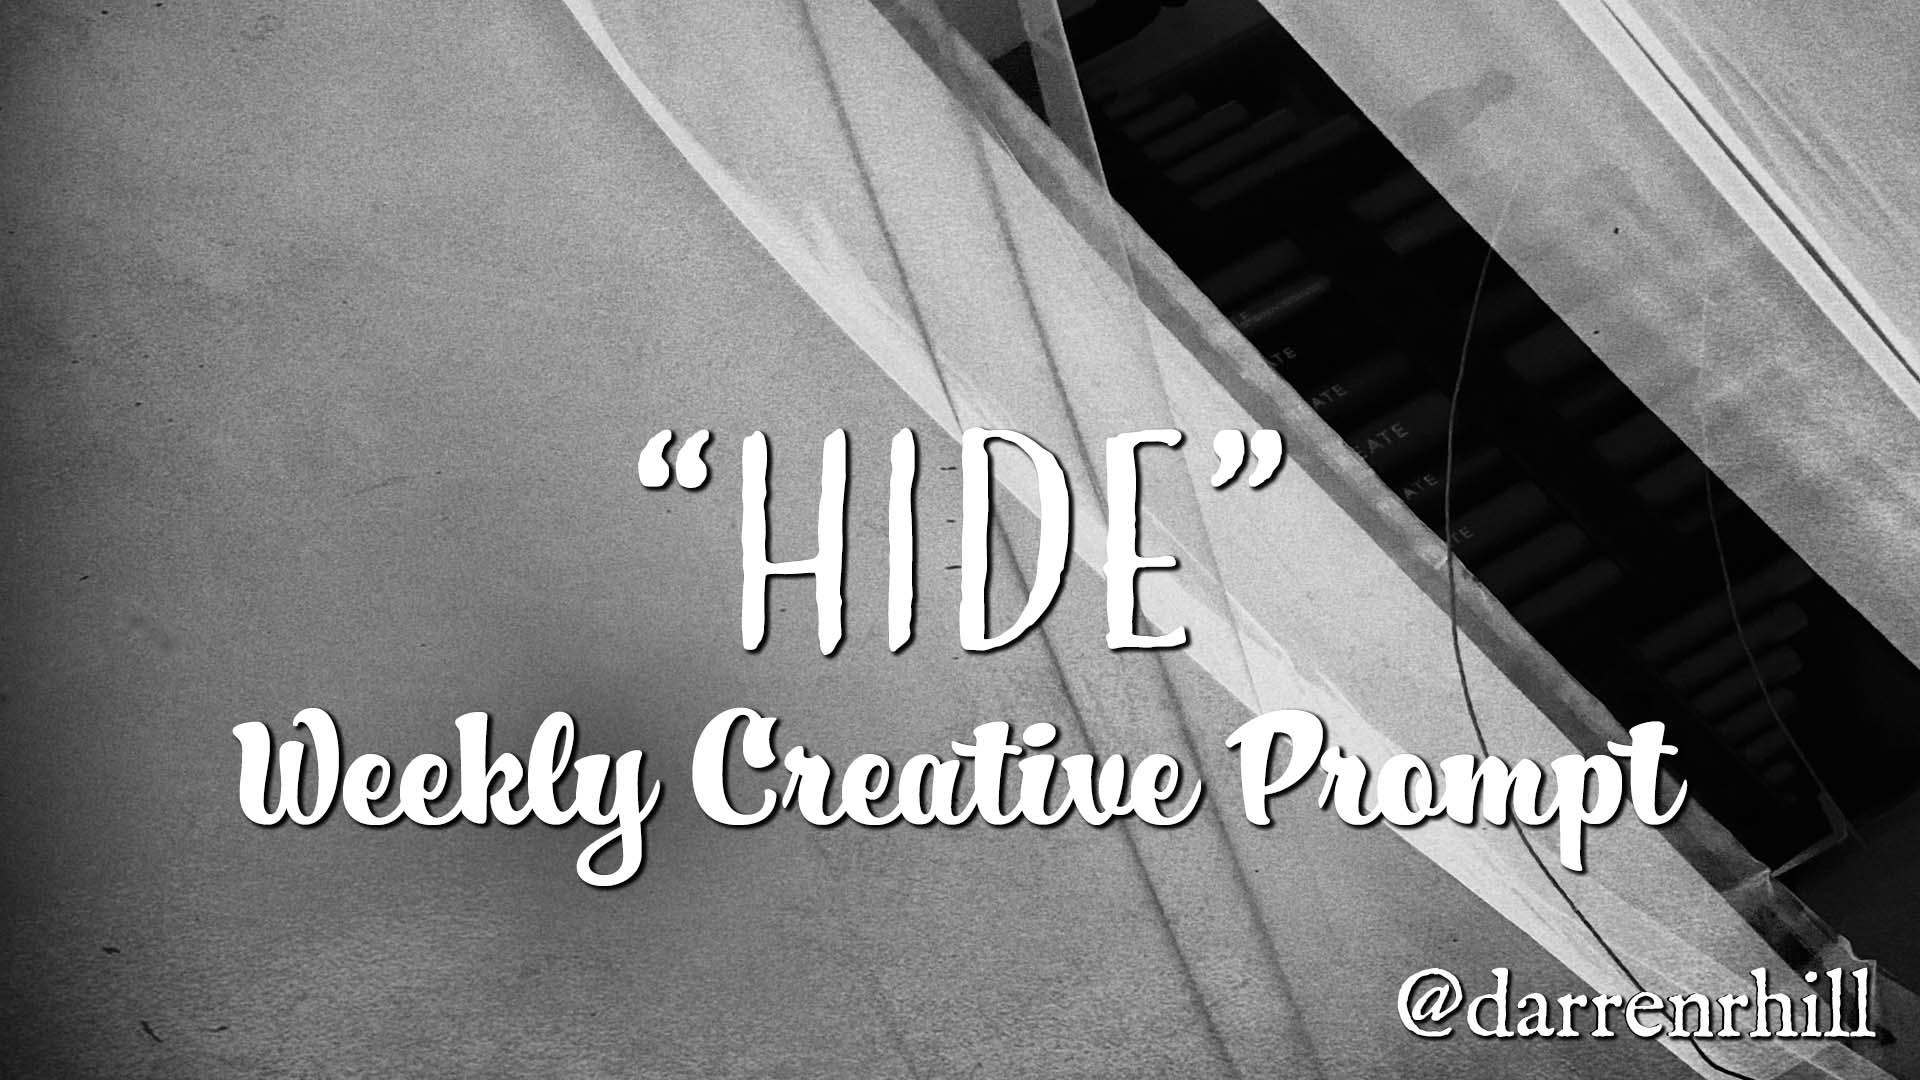 Hide weekly creative prompt